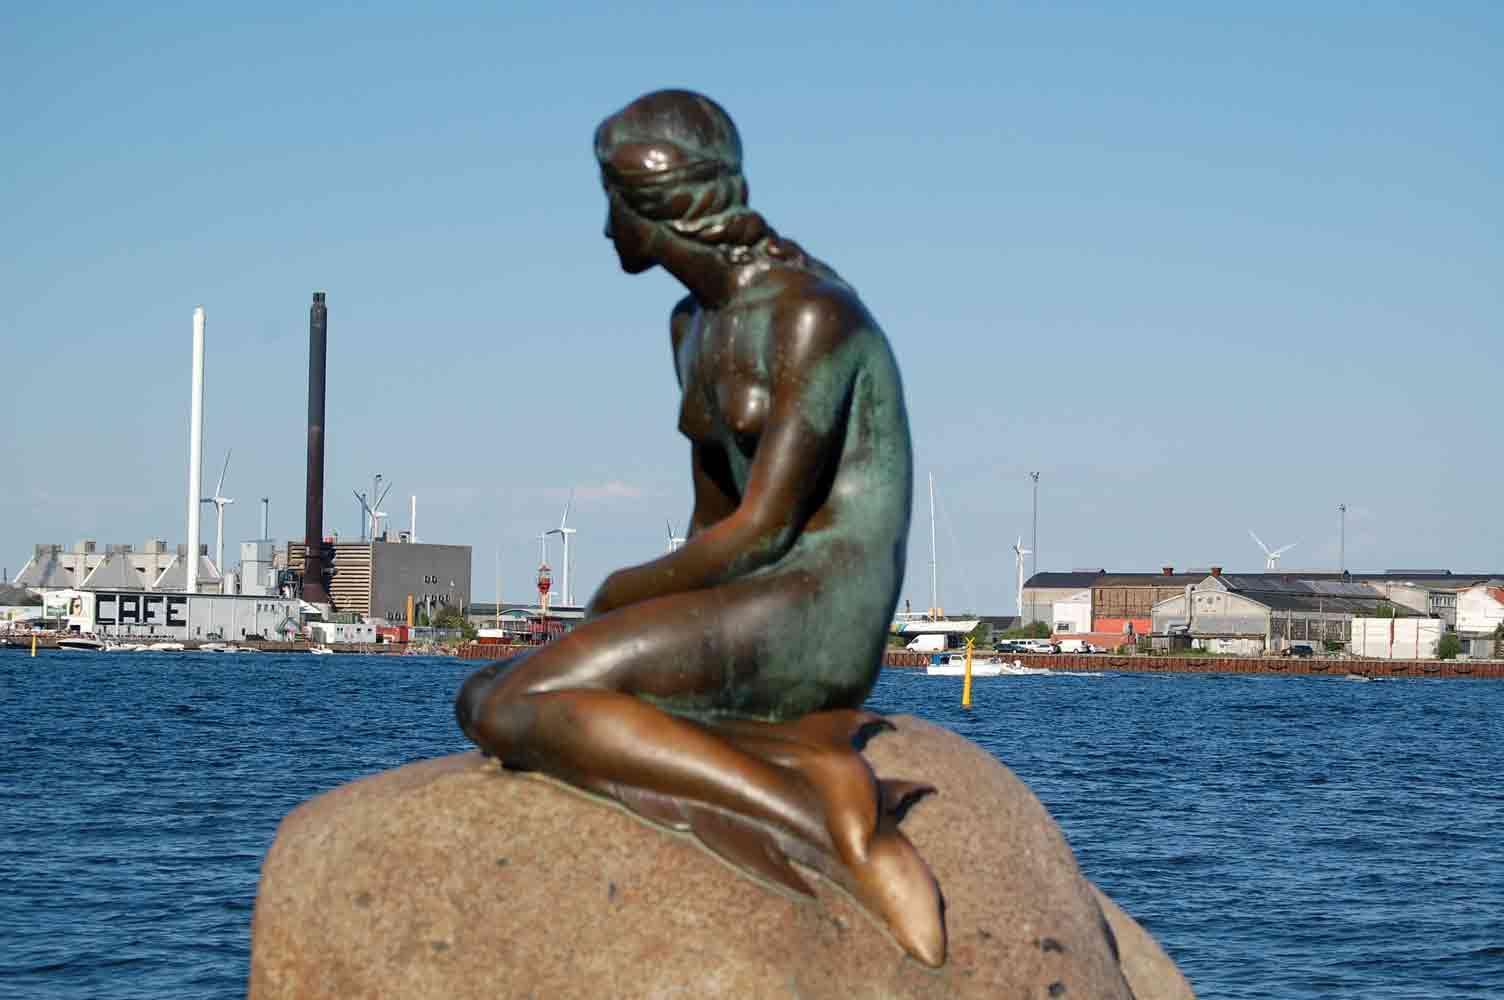 Vecchie e nuove icone. I generatori eolici a Copenaghen, sullo sfondo della Sirenetta (photo Pino Bruno)